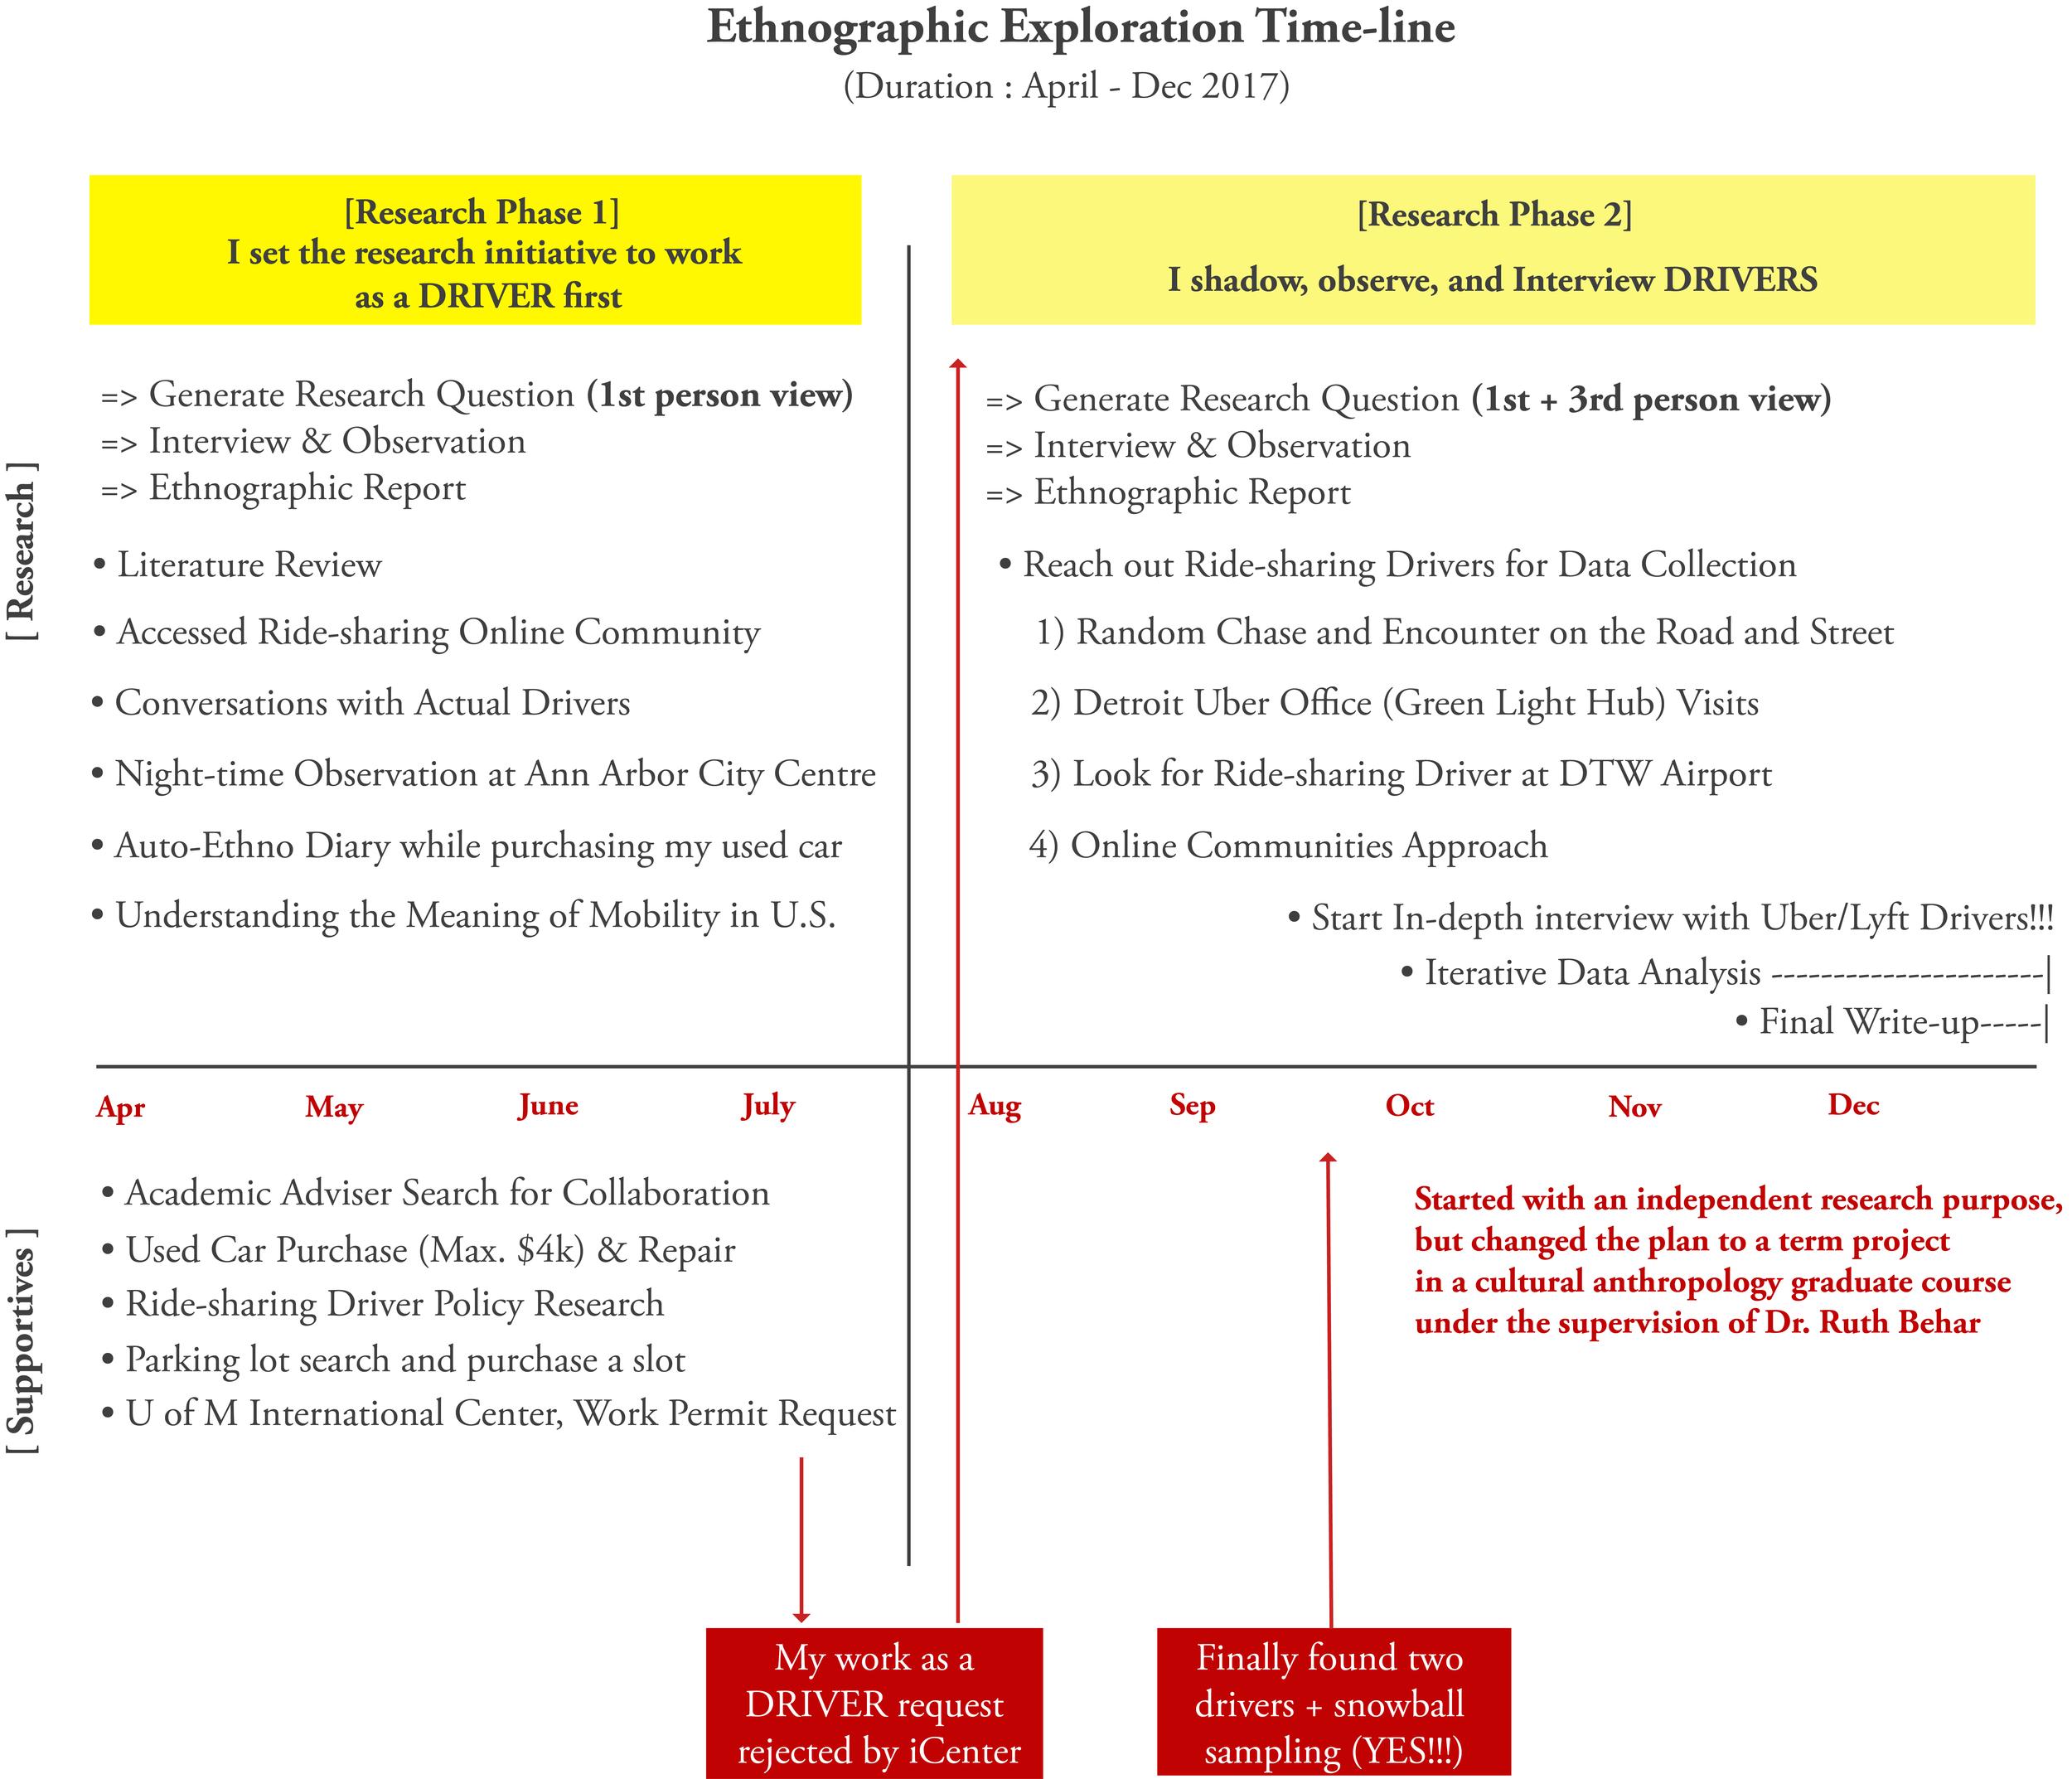 Ethno_Timeline2.png